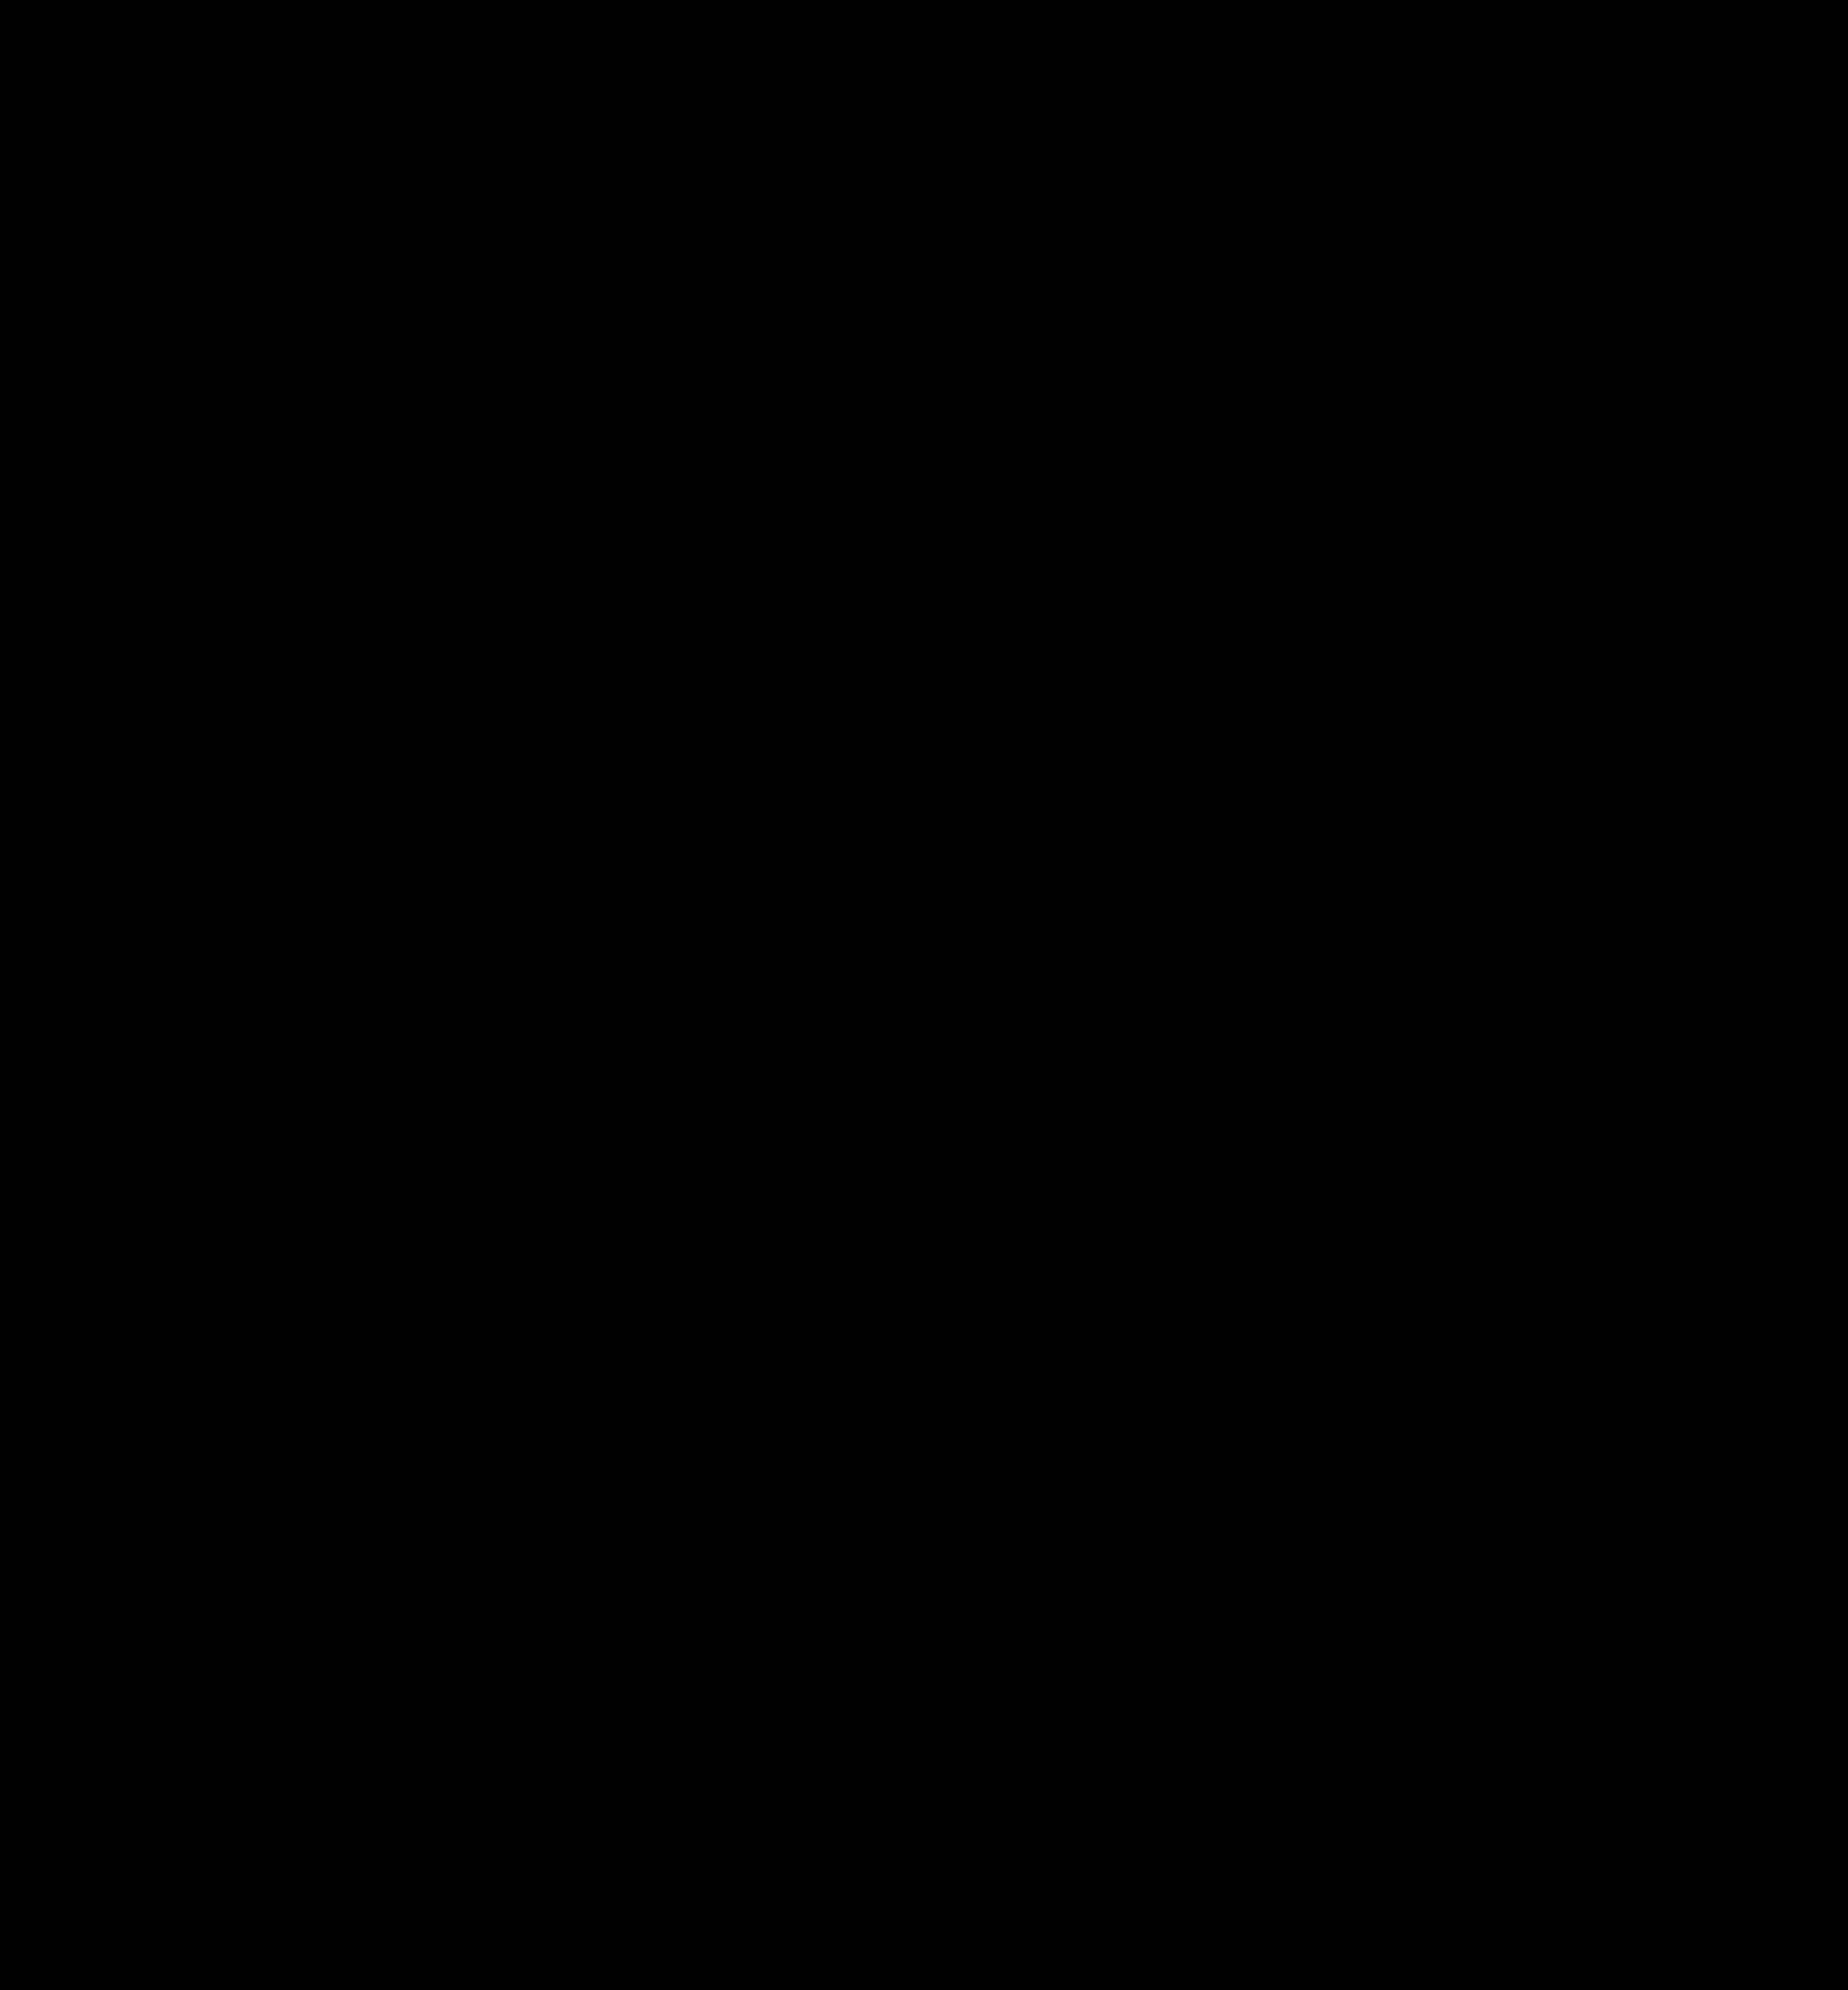 B22 zapatillas de deporte zapatos de diseño de los hombres retro zapatillas de deporte de la lona y piel de becerro zapatillas de deporte los hombres y mujeres de alta calidad bajo-top zapatos casuales 2020SS. 35-46